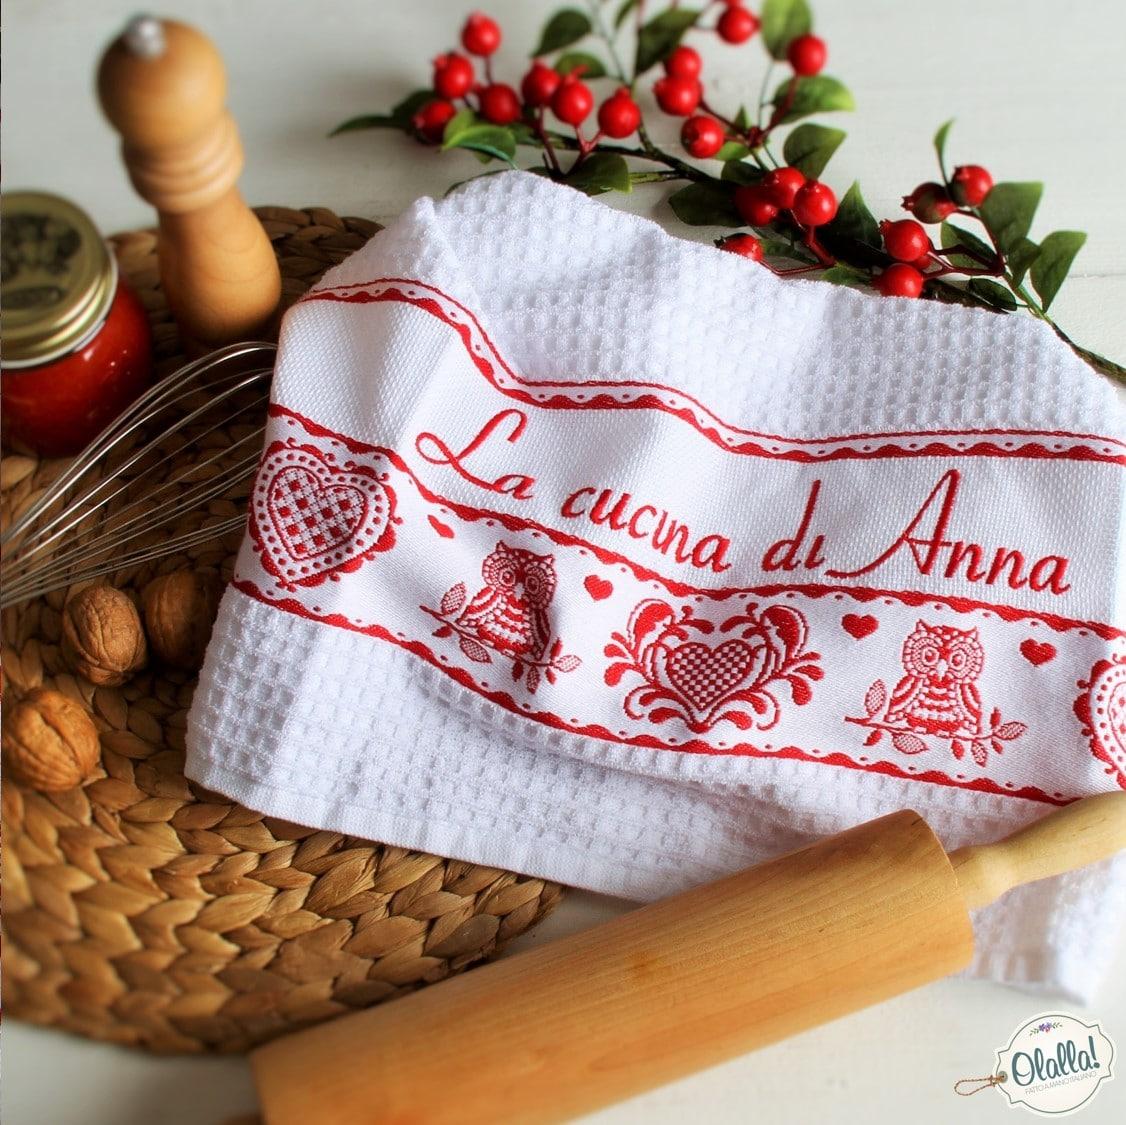 Fantastiche idee regalo per tua suocera simpatici - Canovaccio da cucina ...